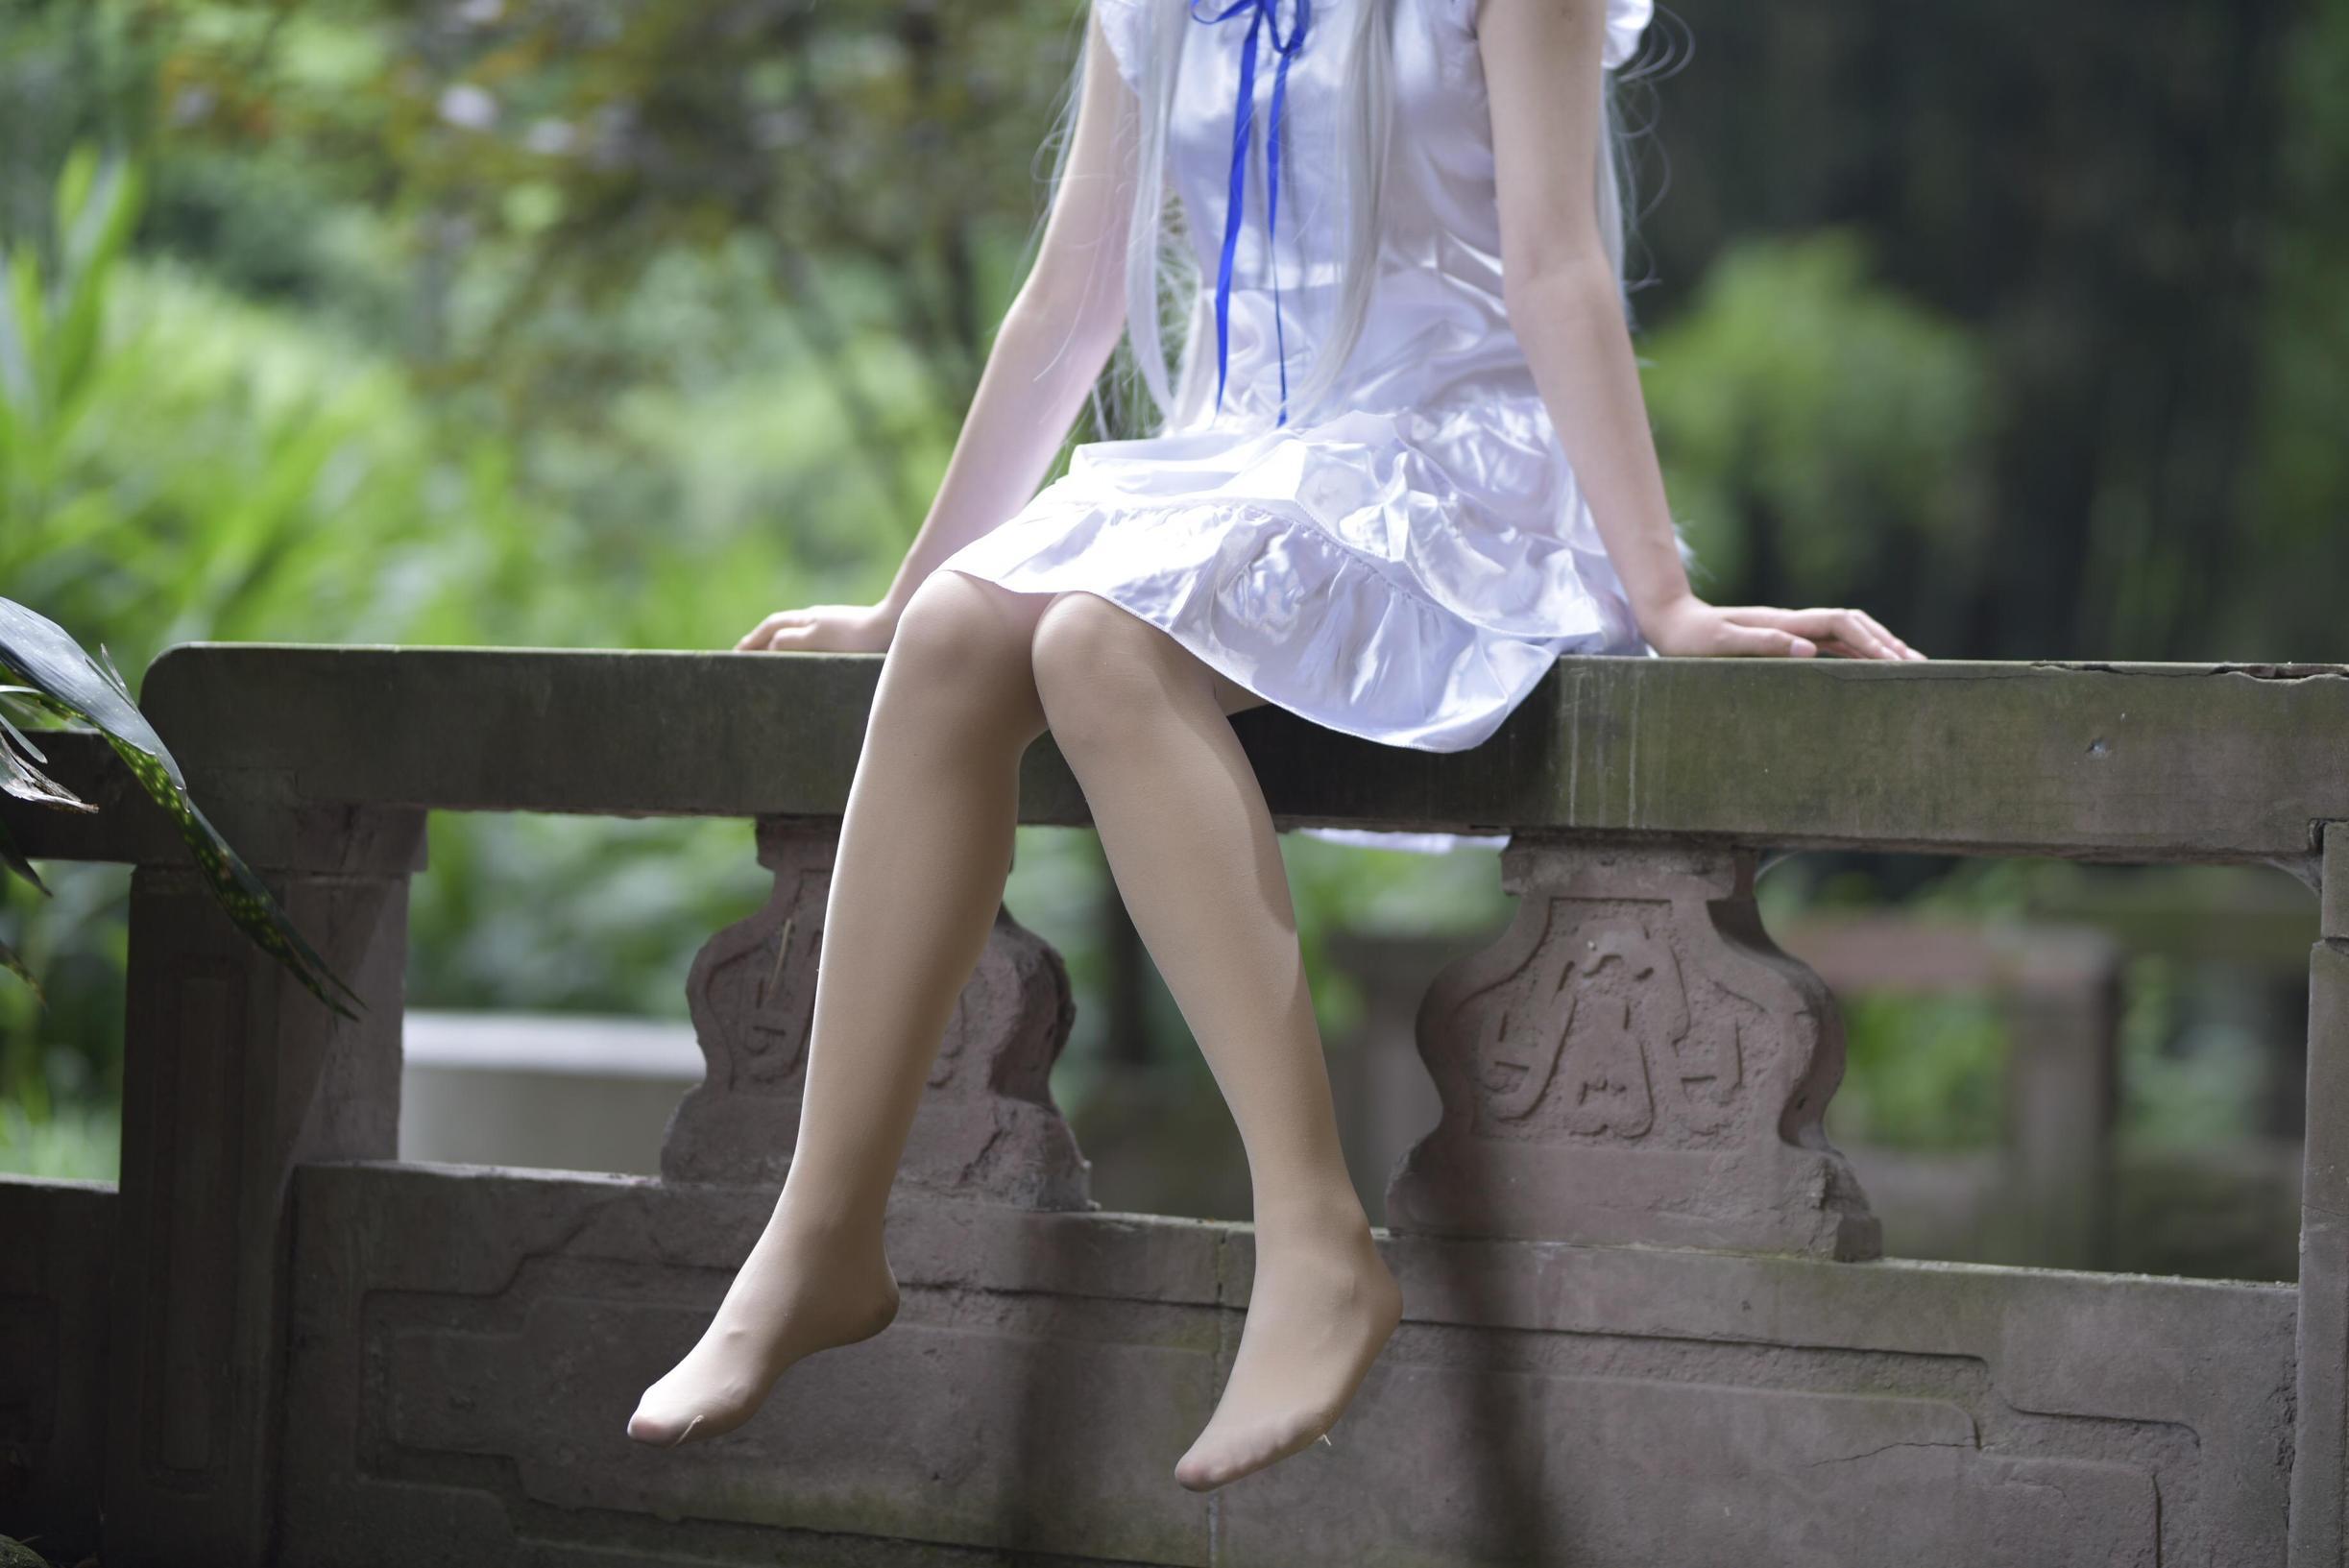 面码cosplay【CN:紫衣衣衣衣衣衣呀】-第2张